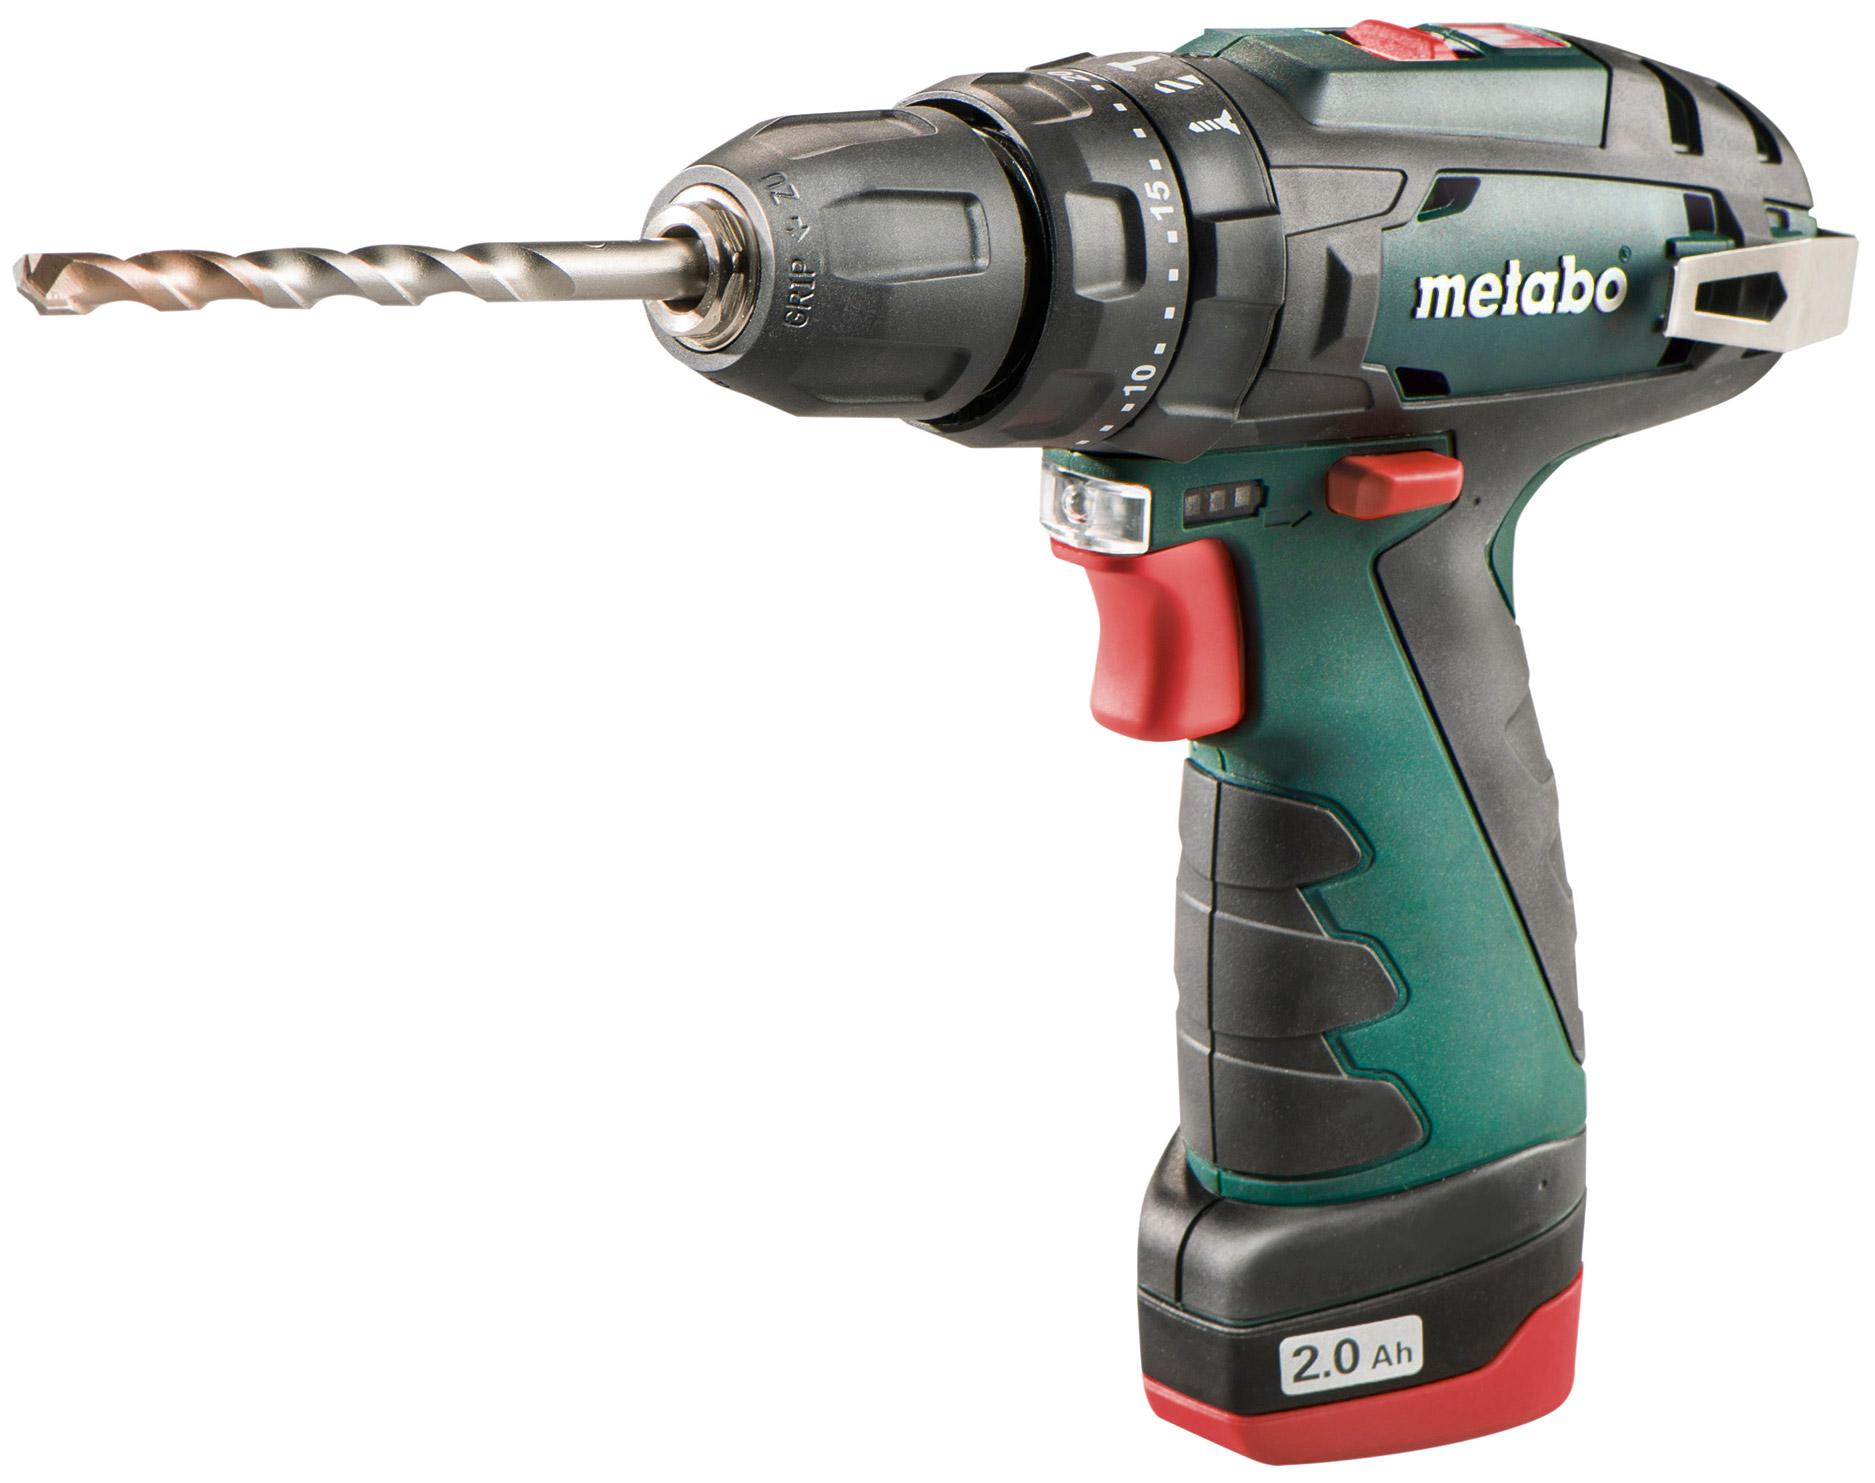 Metabo PowerMaxx SB ütvefúró-csavarbehajtó